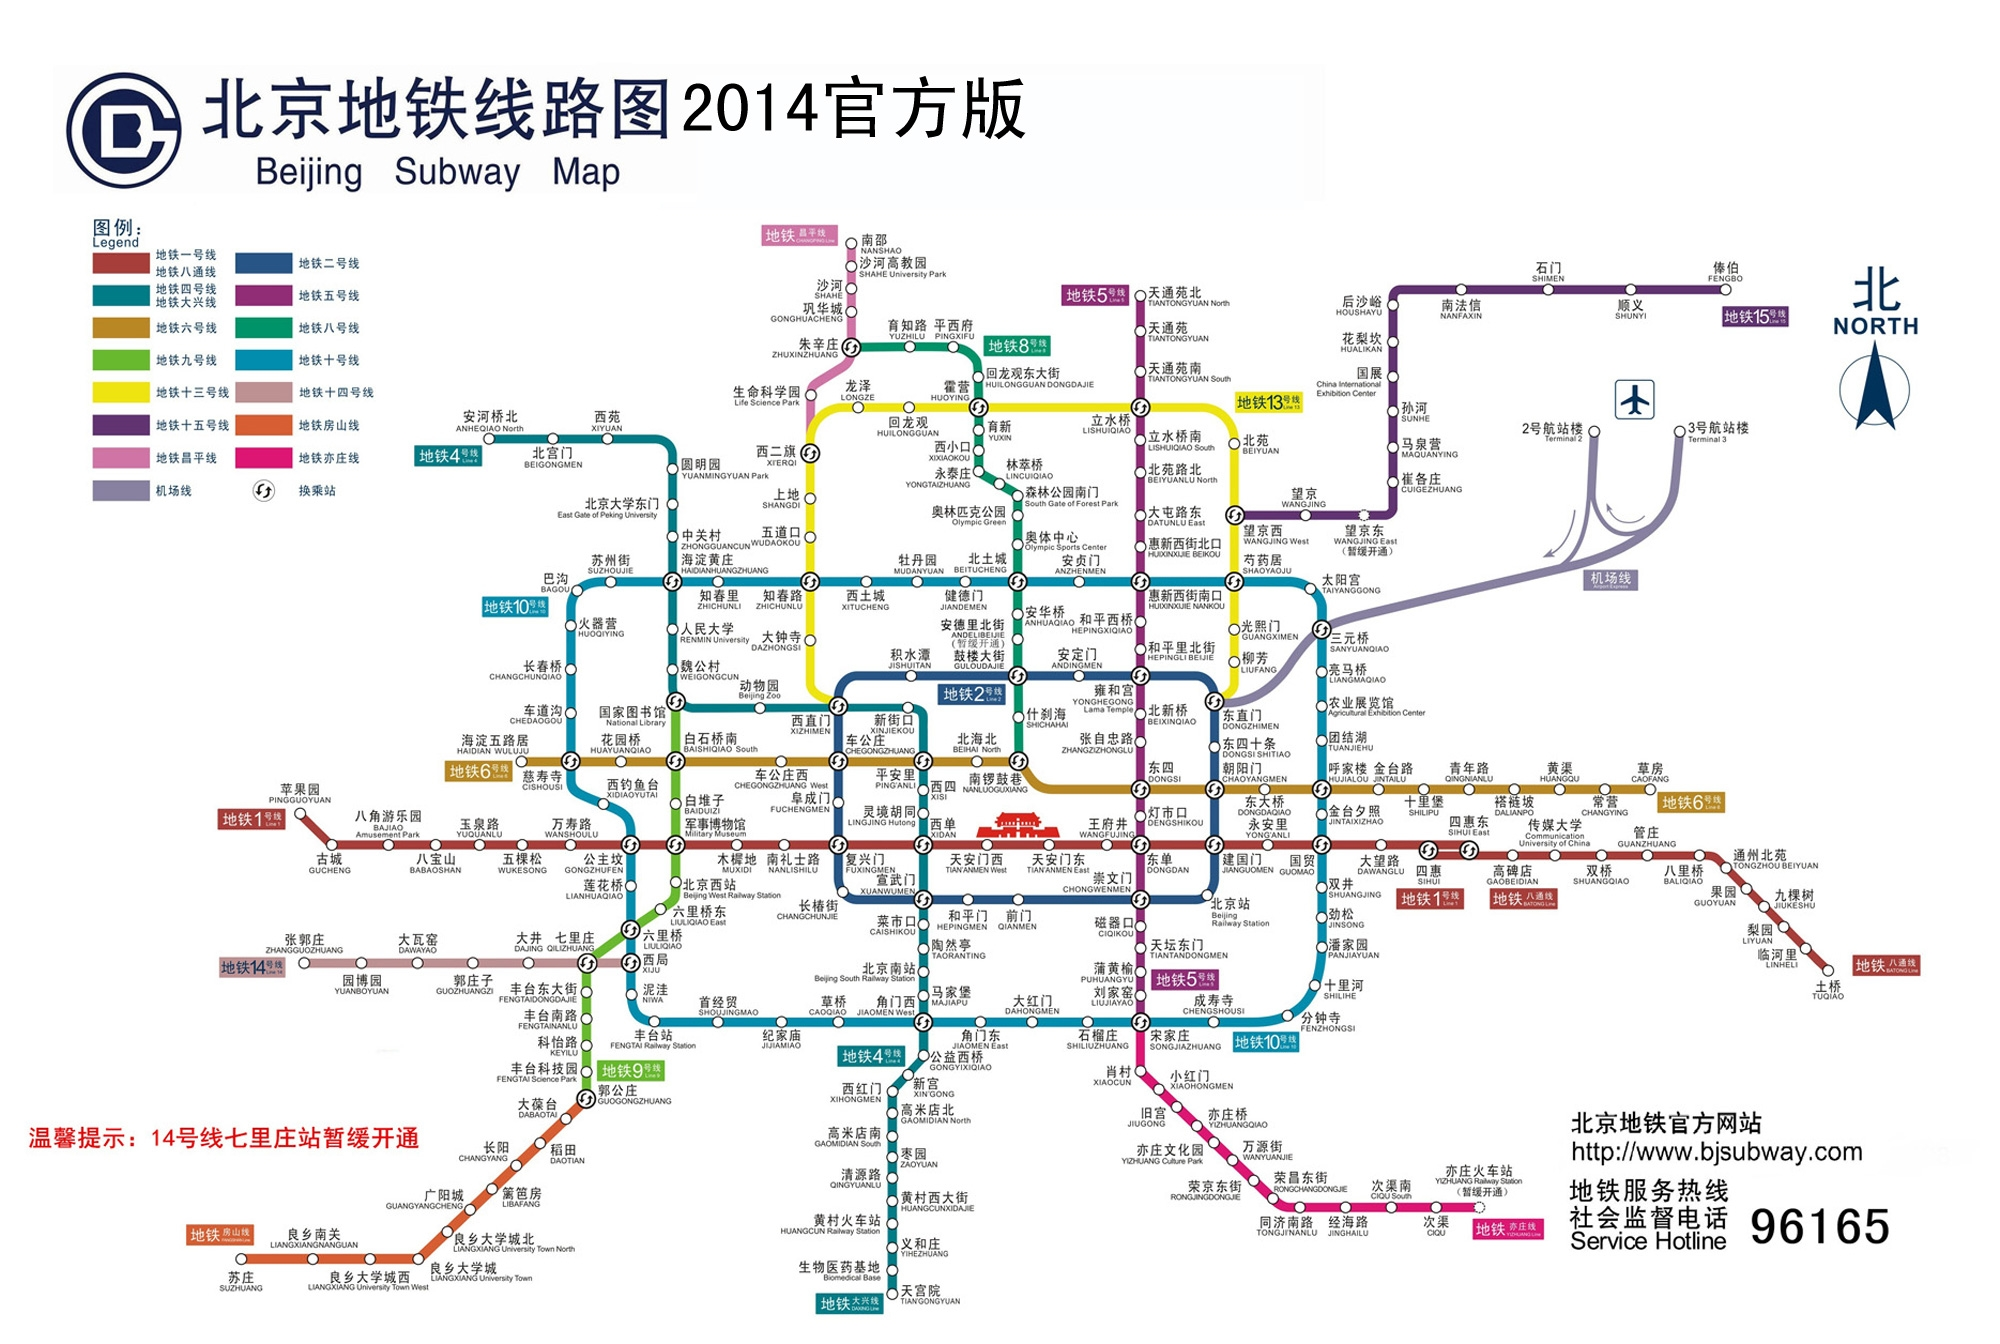 北京地铁线路图2014年-我是设计师